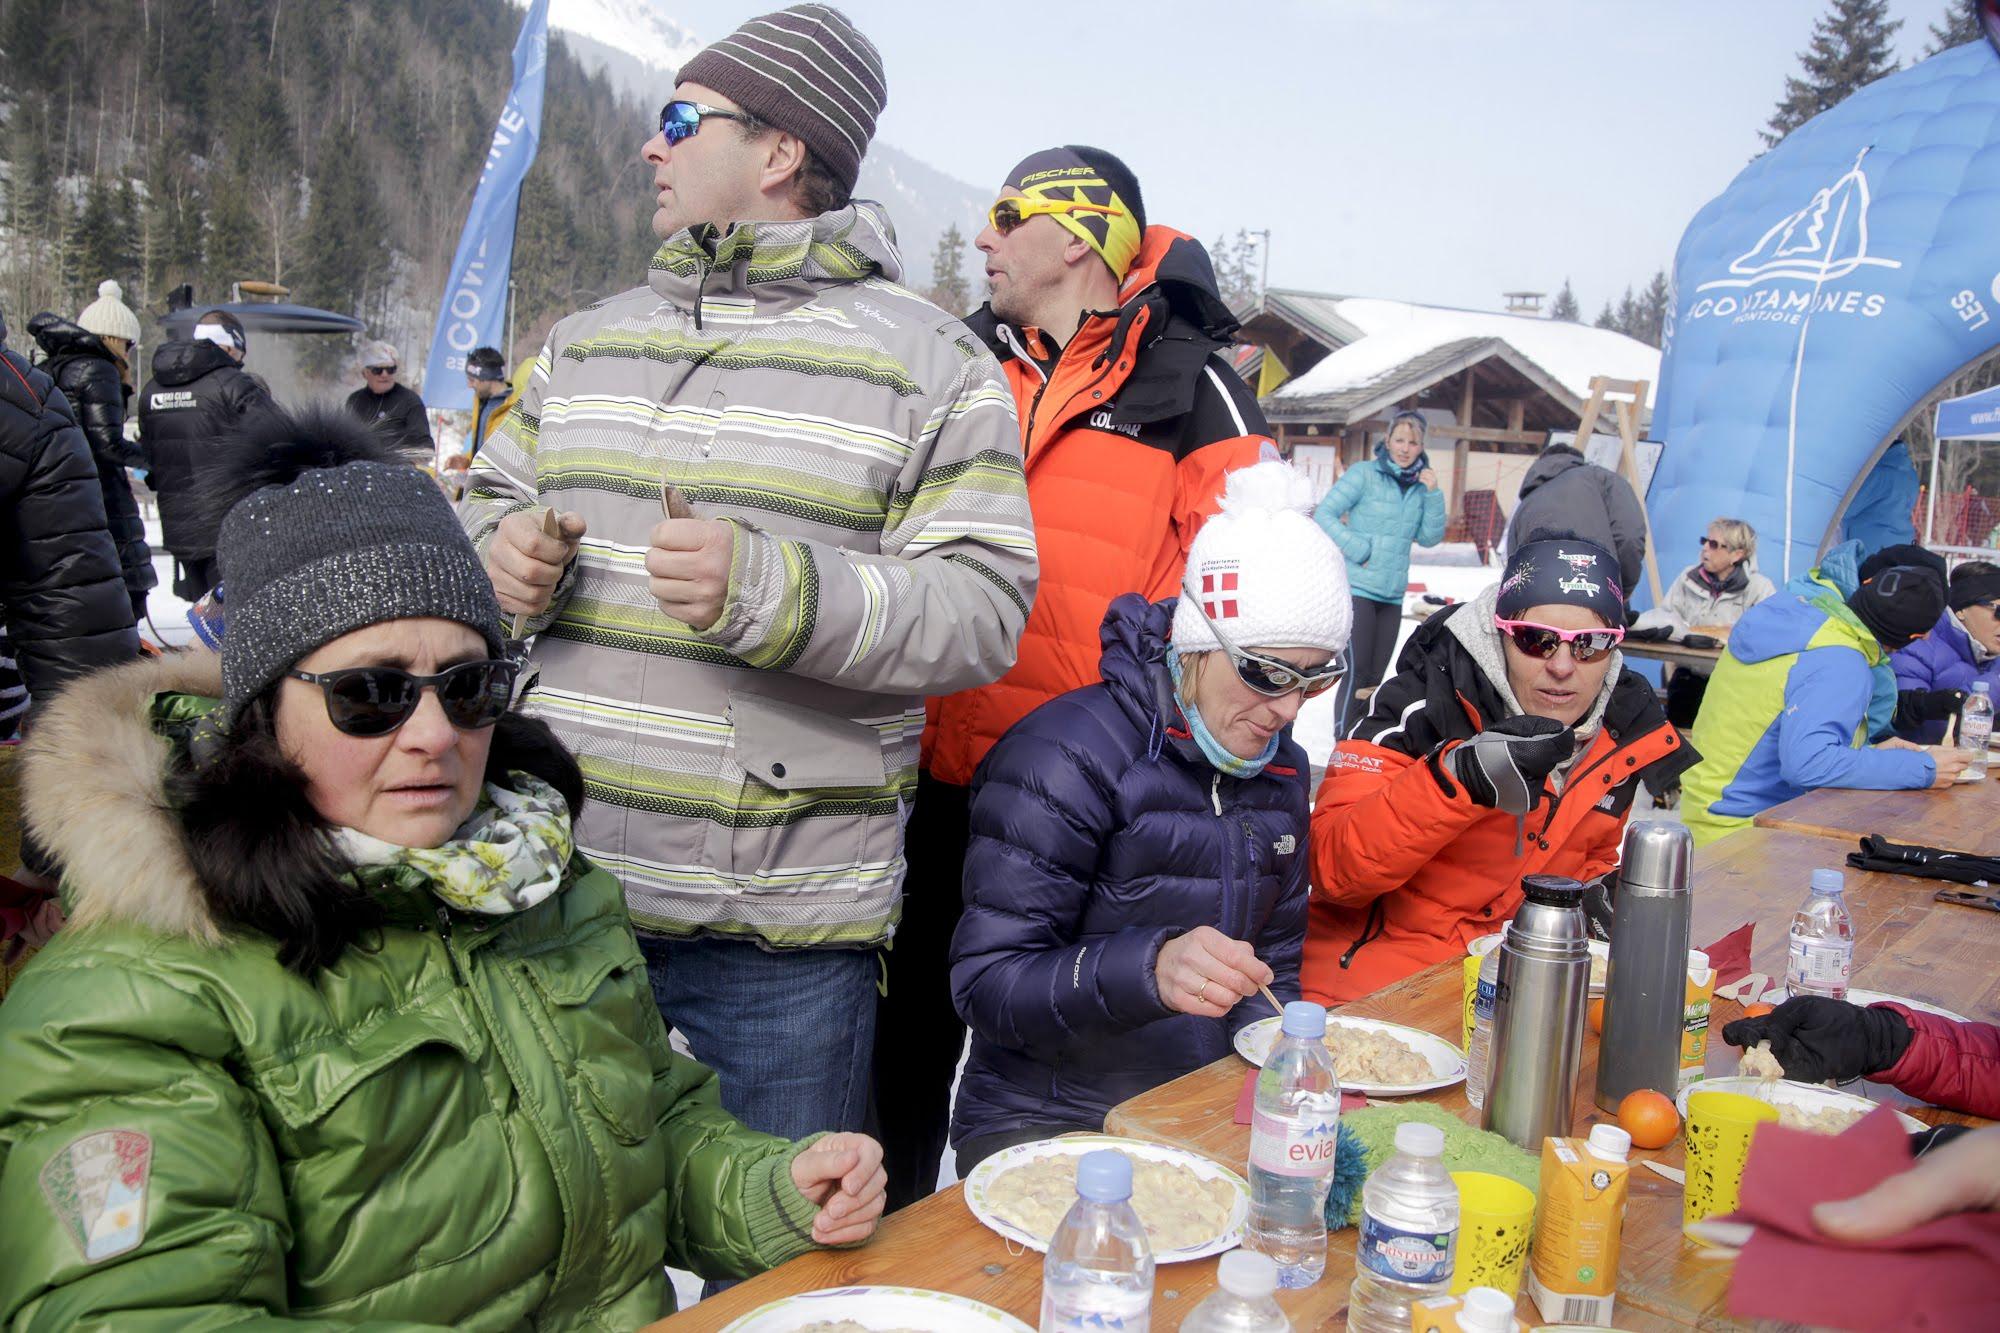 180224-BiathlonImpulse-Contamines-026